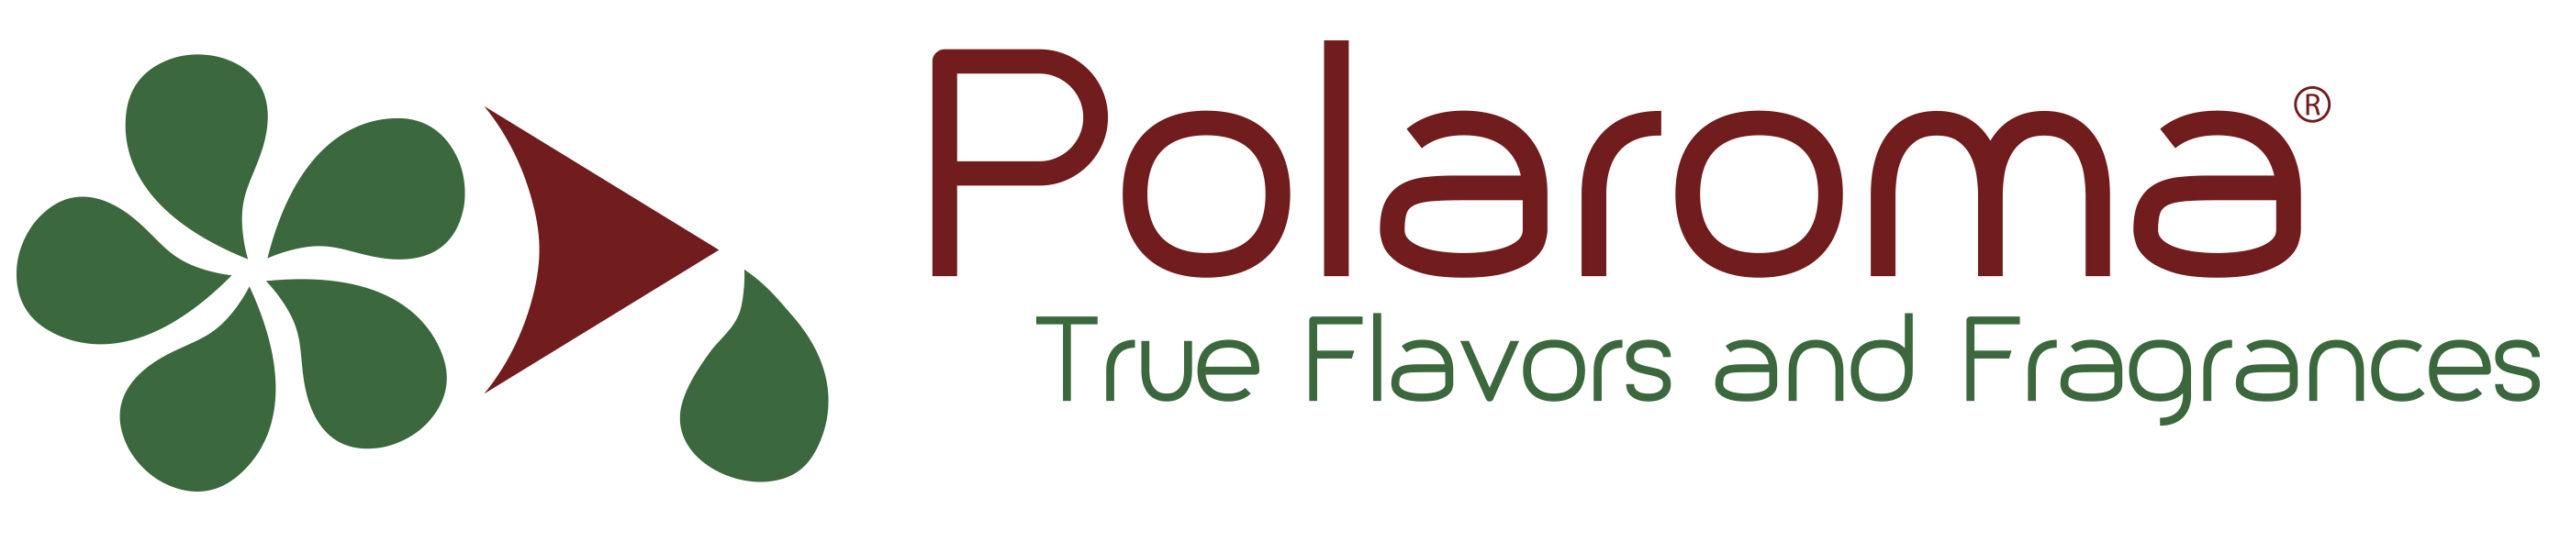 Polaroma